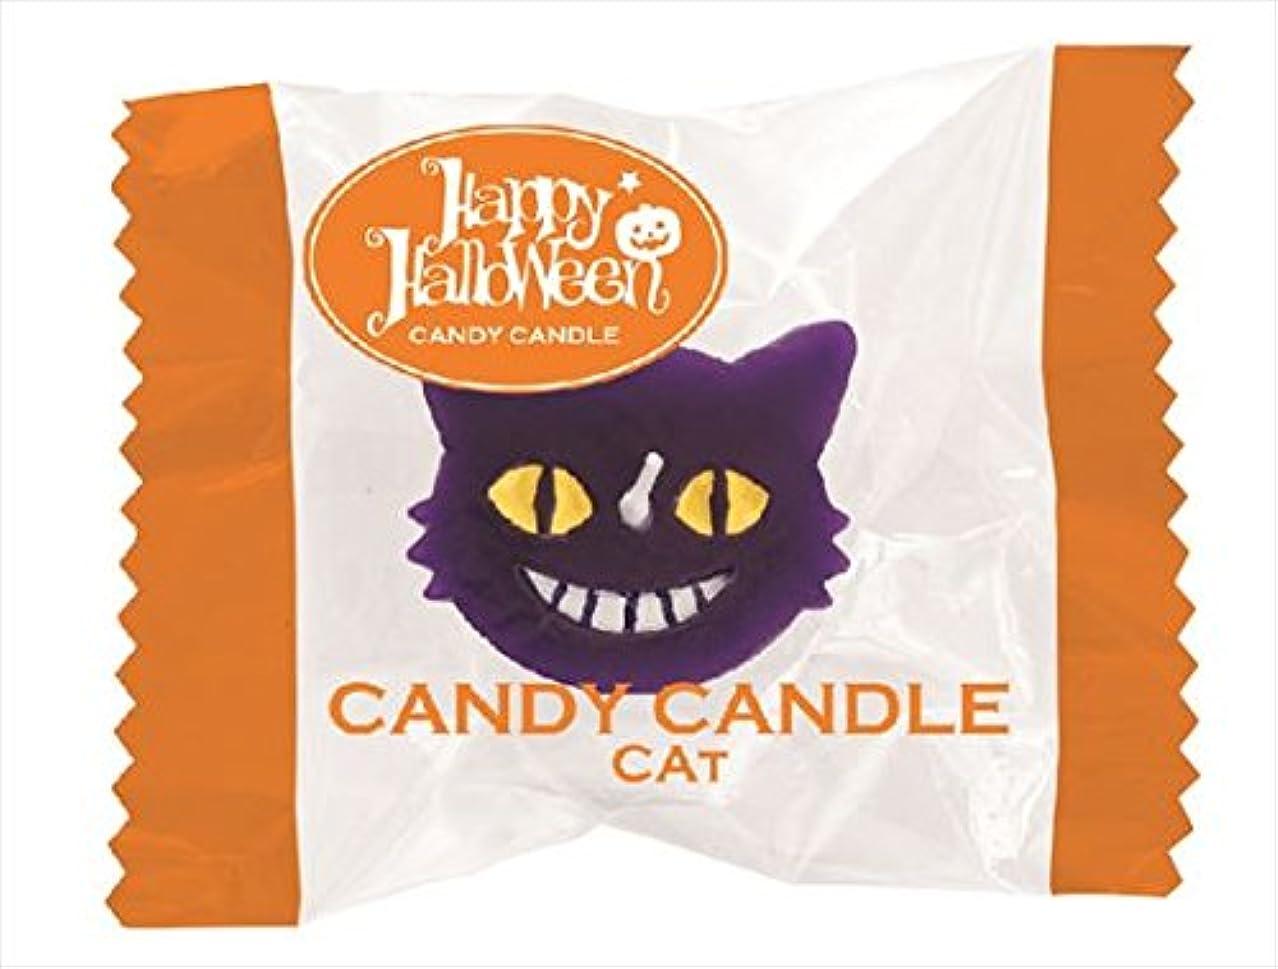 アーサーコナンドイル息子波カメヤマキャンドル(kameyama candle) キャンディーキャンドル 「 キャット 」